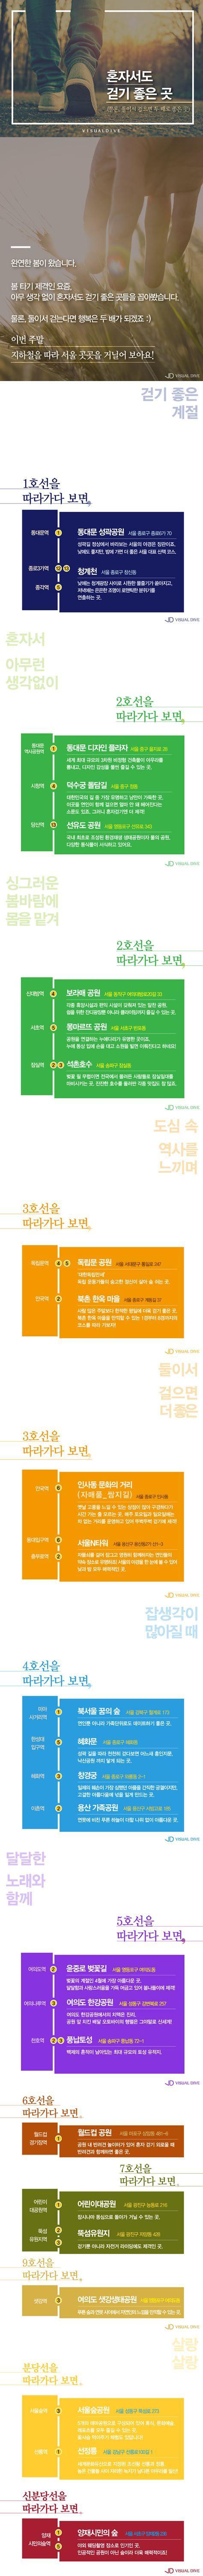 서울 지하철 따라 '혼자서도 걷기 좋은 곳' [카드뉴스] #walk / #cardnews ⓒ 비주얼다이브 무단 복사·전재·재배포 금지